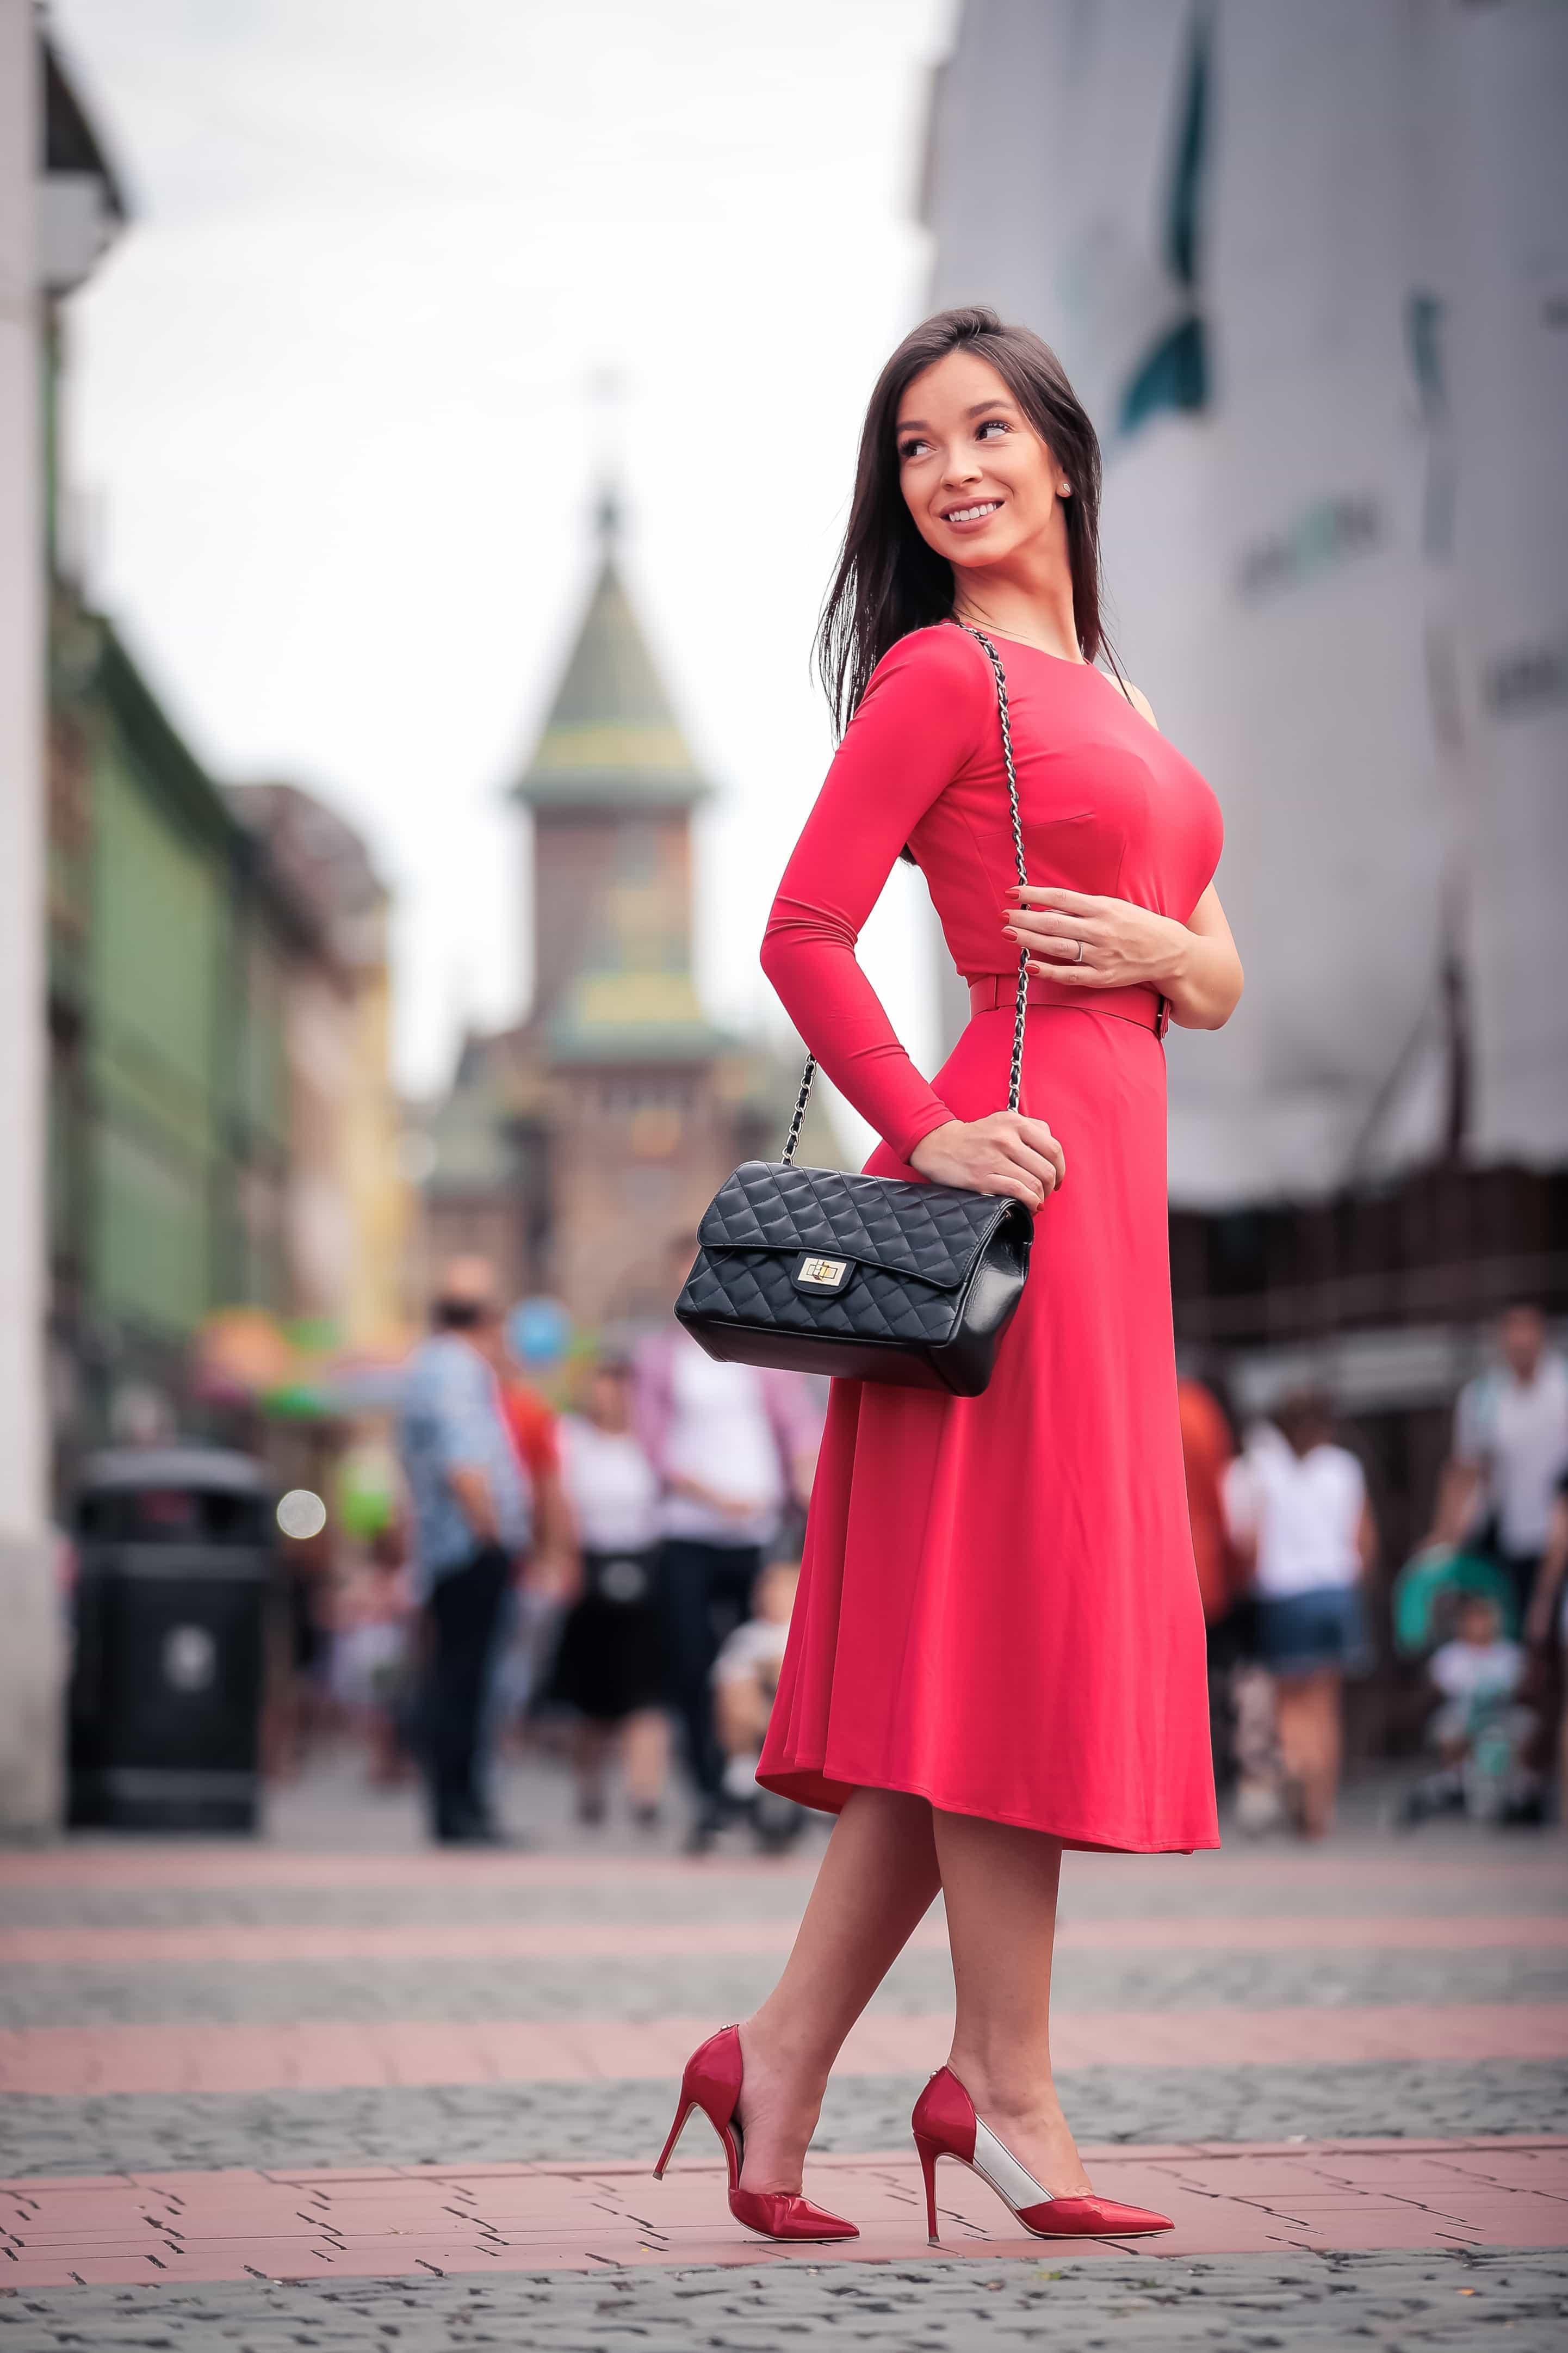 Feminine Confidence by Elsanna Portea